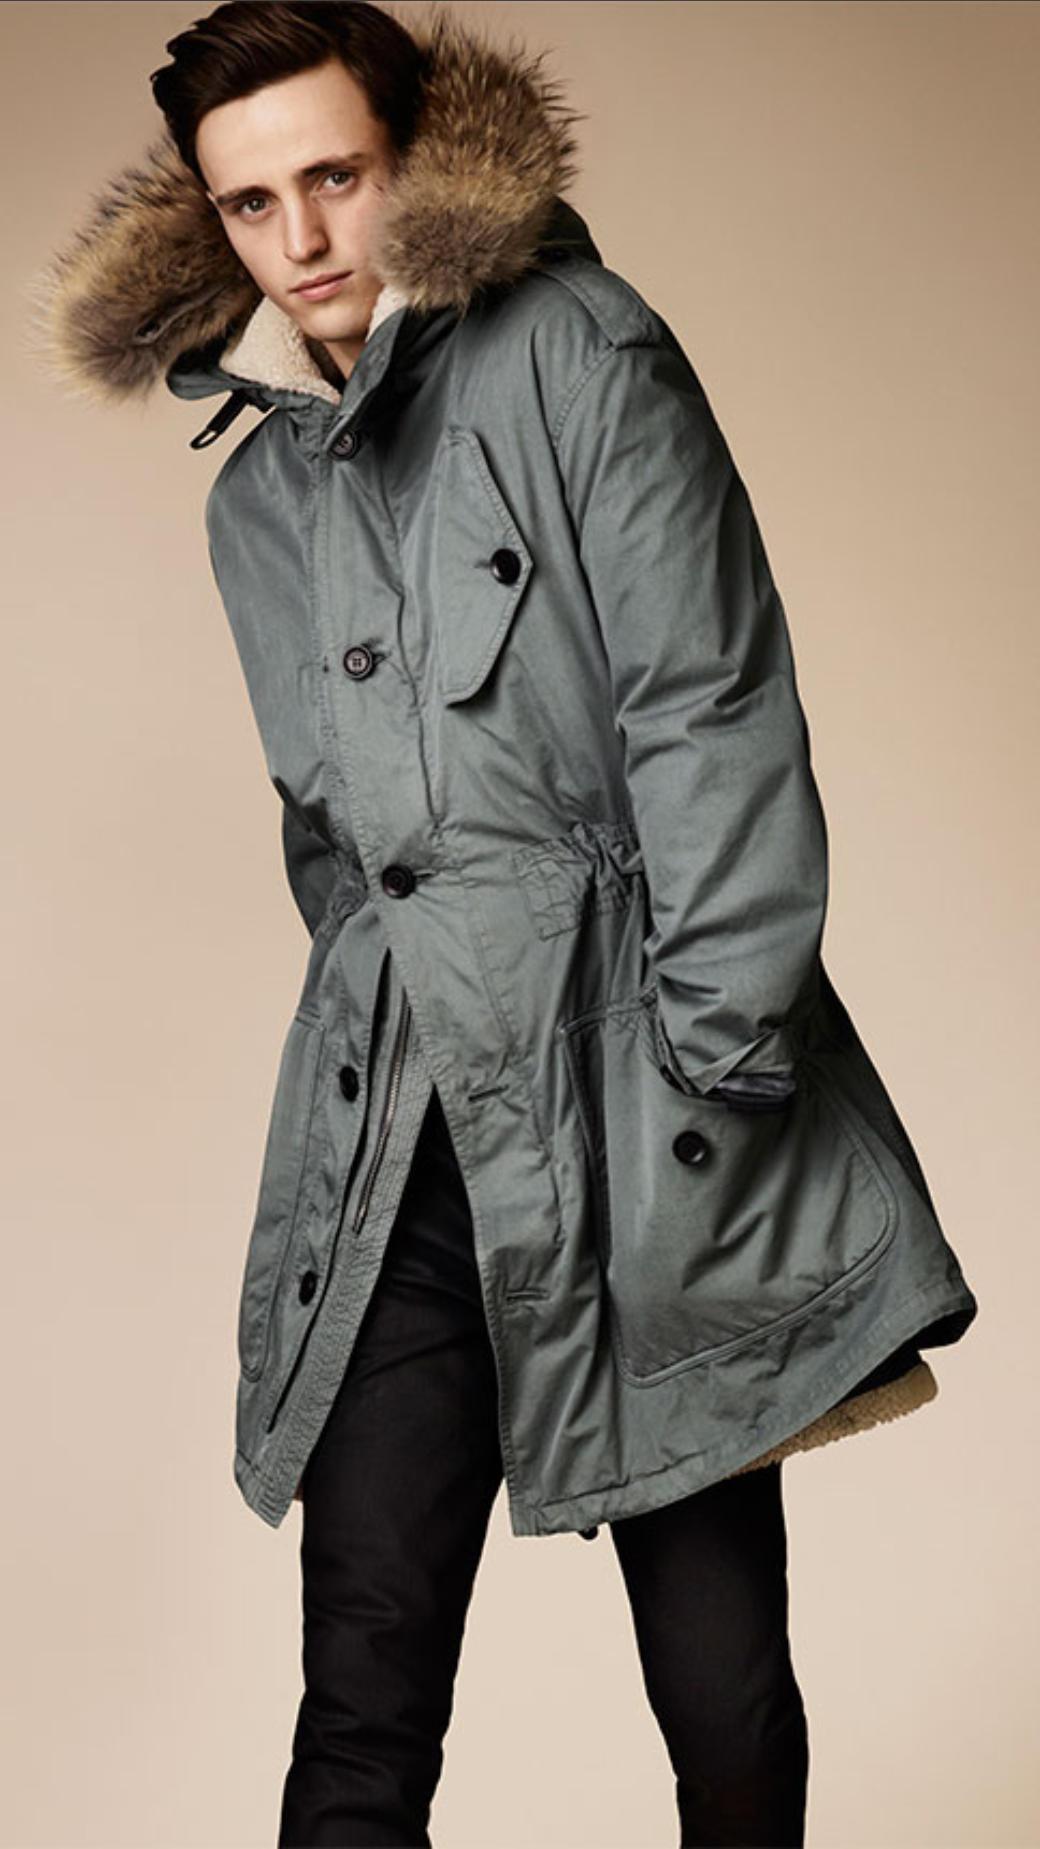 Hooded Wool Duffle Coat Mens - Best Hood 2017